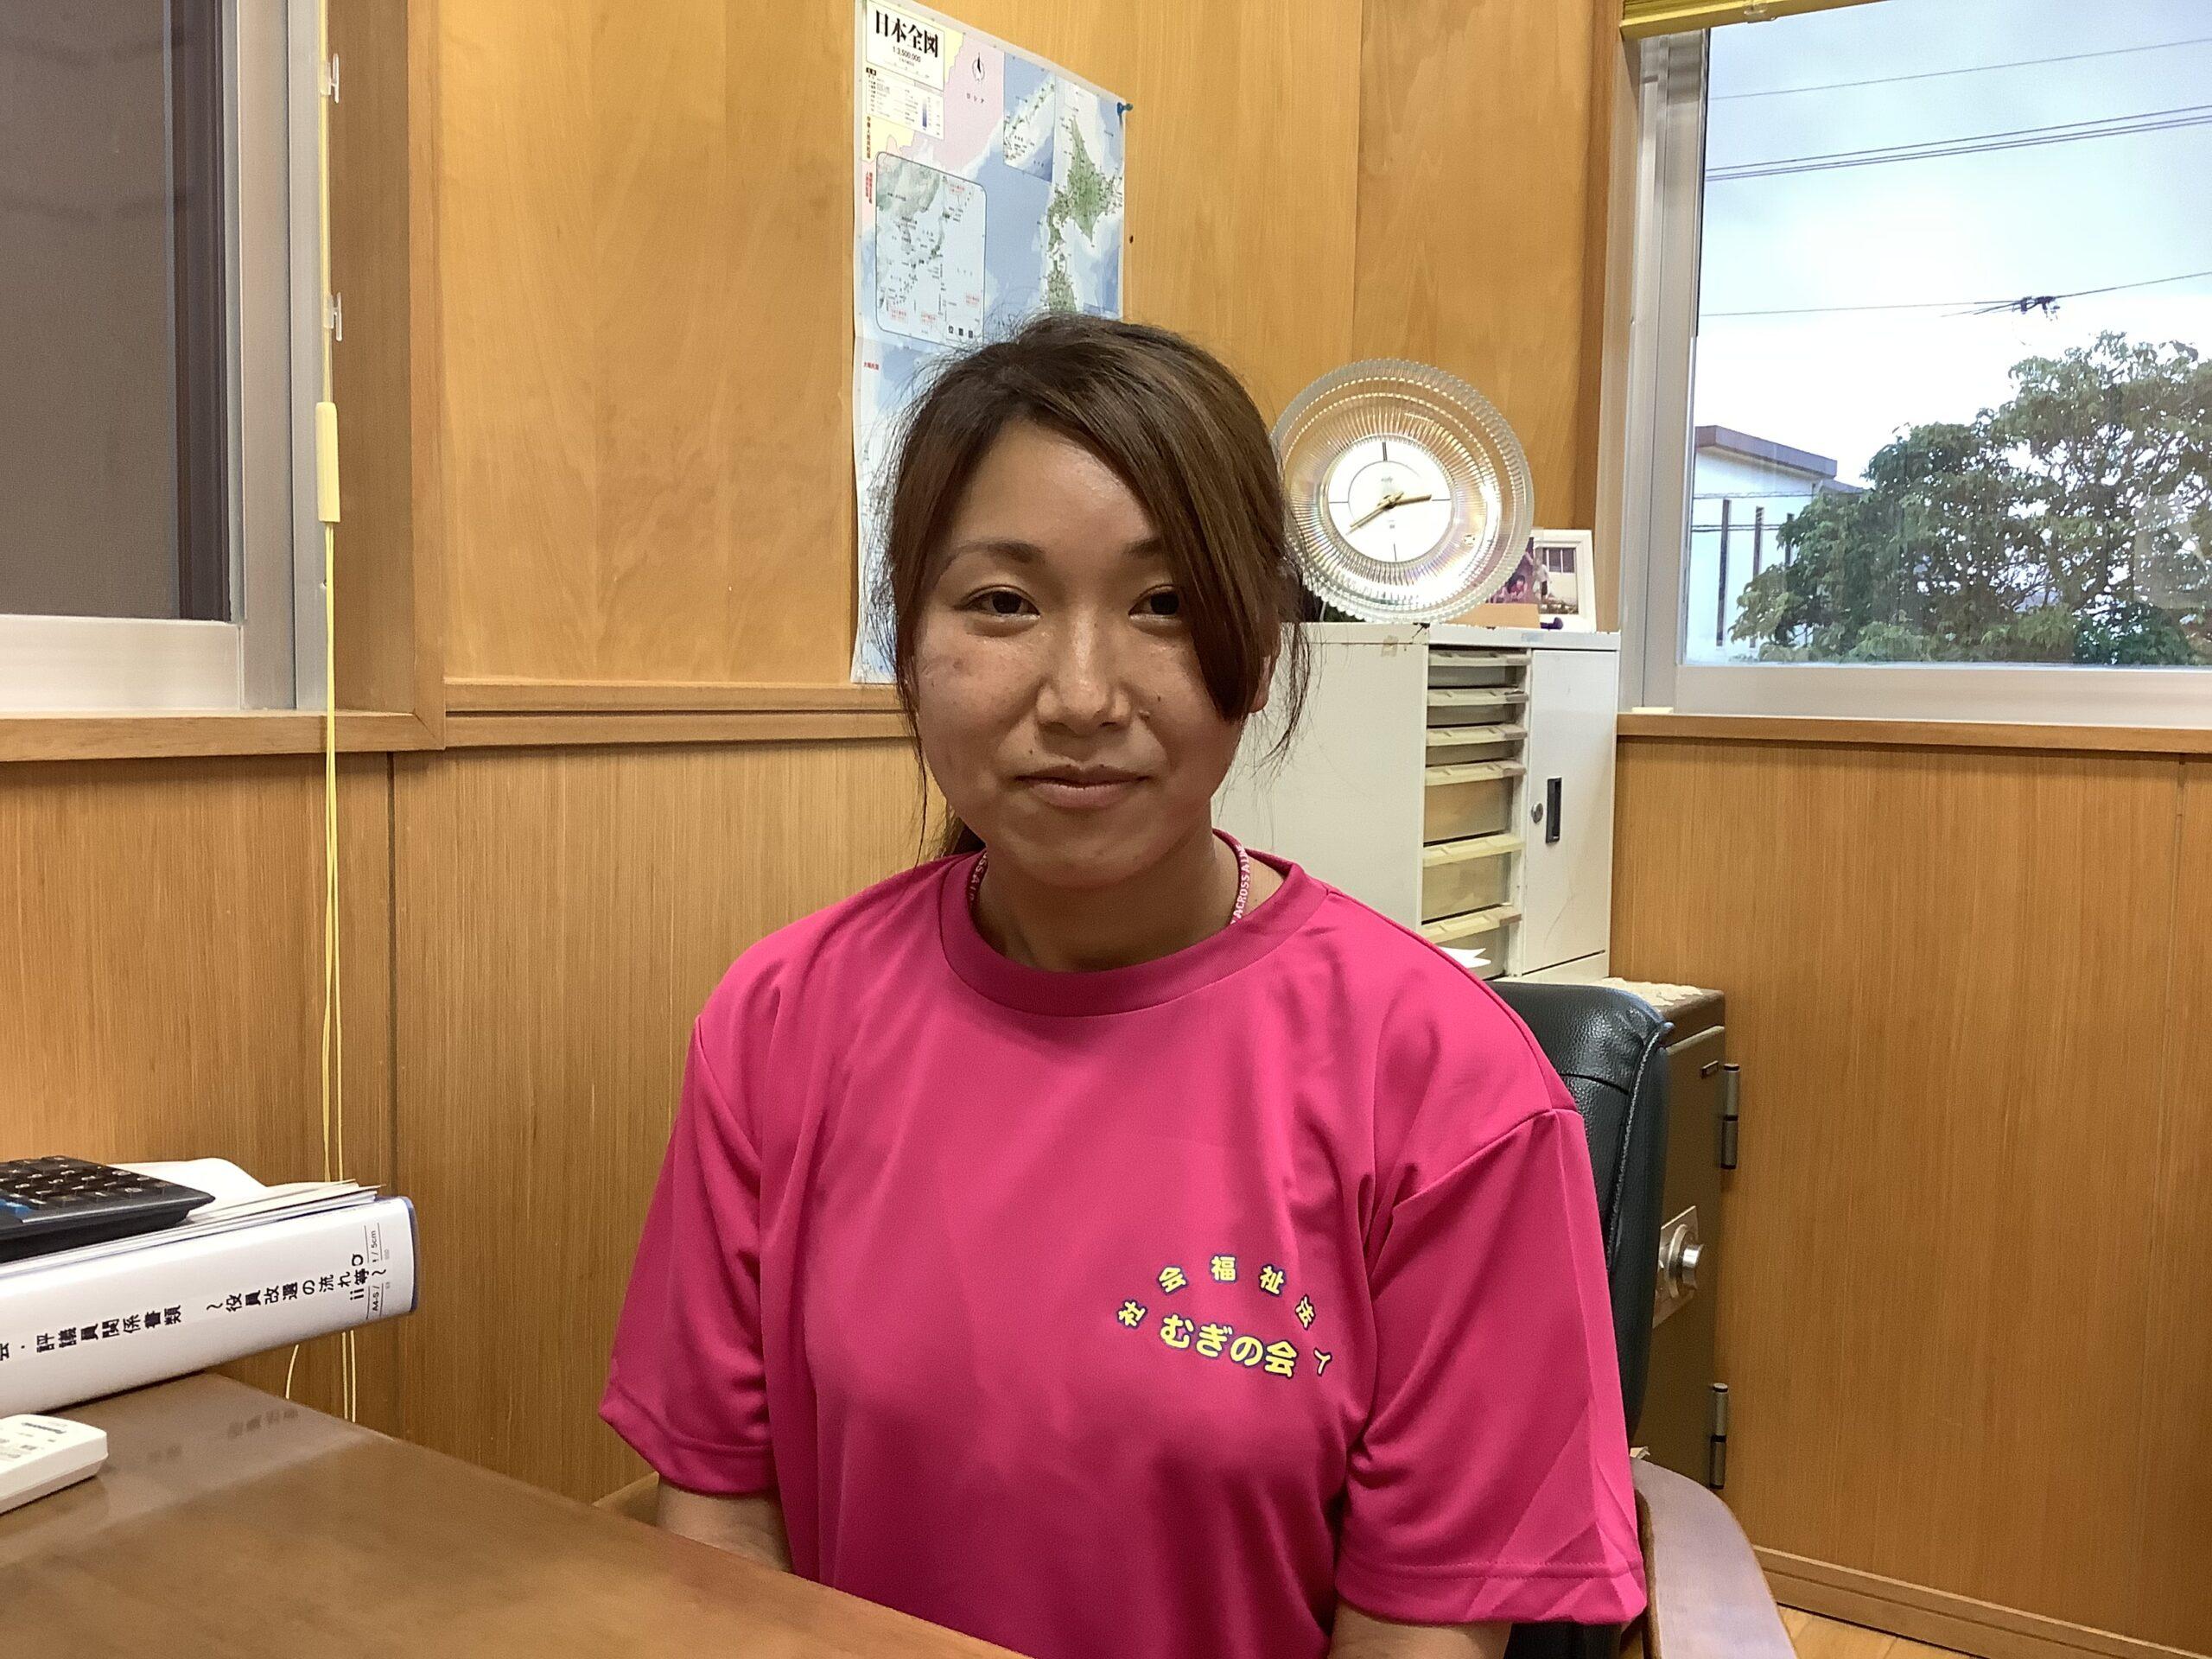 むぎの子保育園(沖縄県うるま市)鈴木敬子先生 36歳